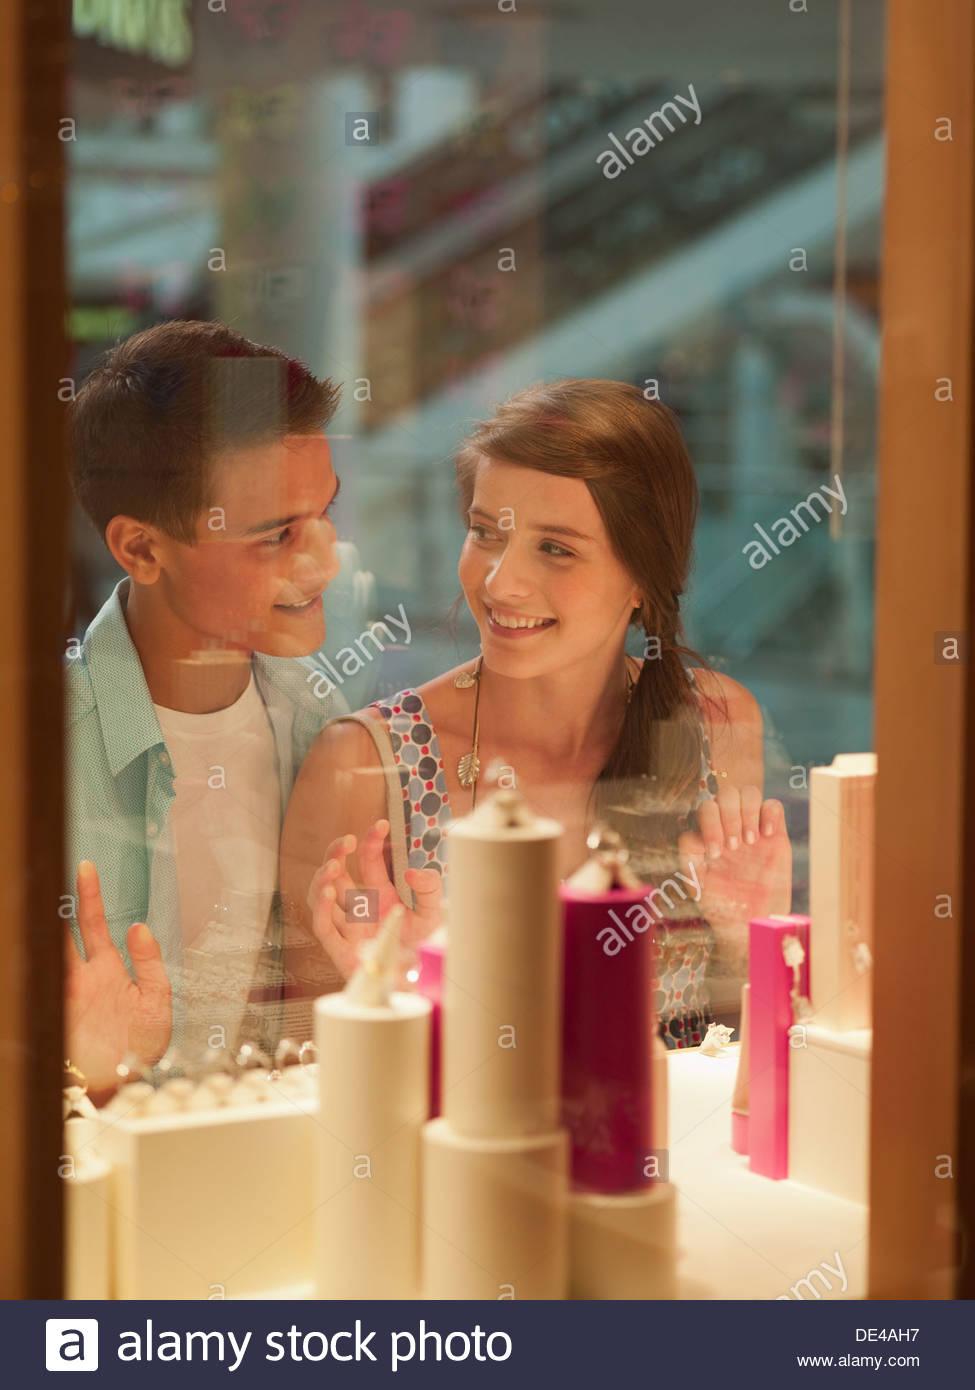 Coppia sorridente guardando i gioielli in caso di visualizzazione Immagini Stock